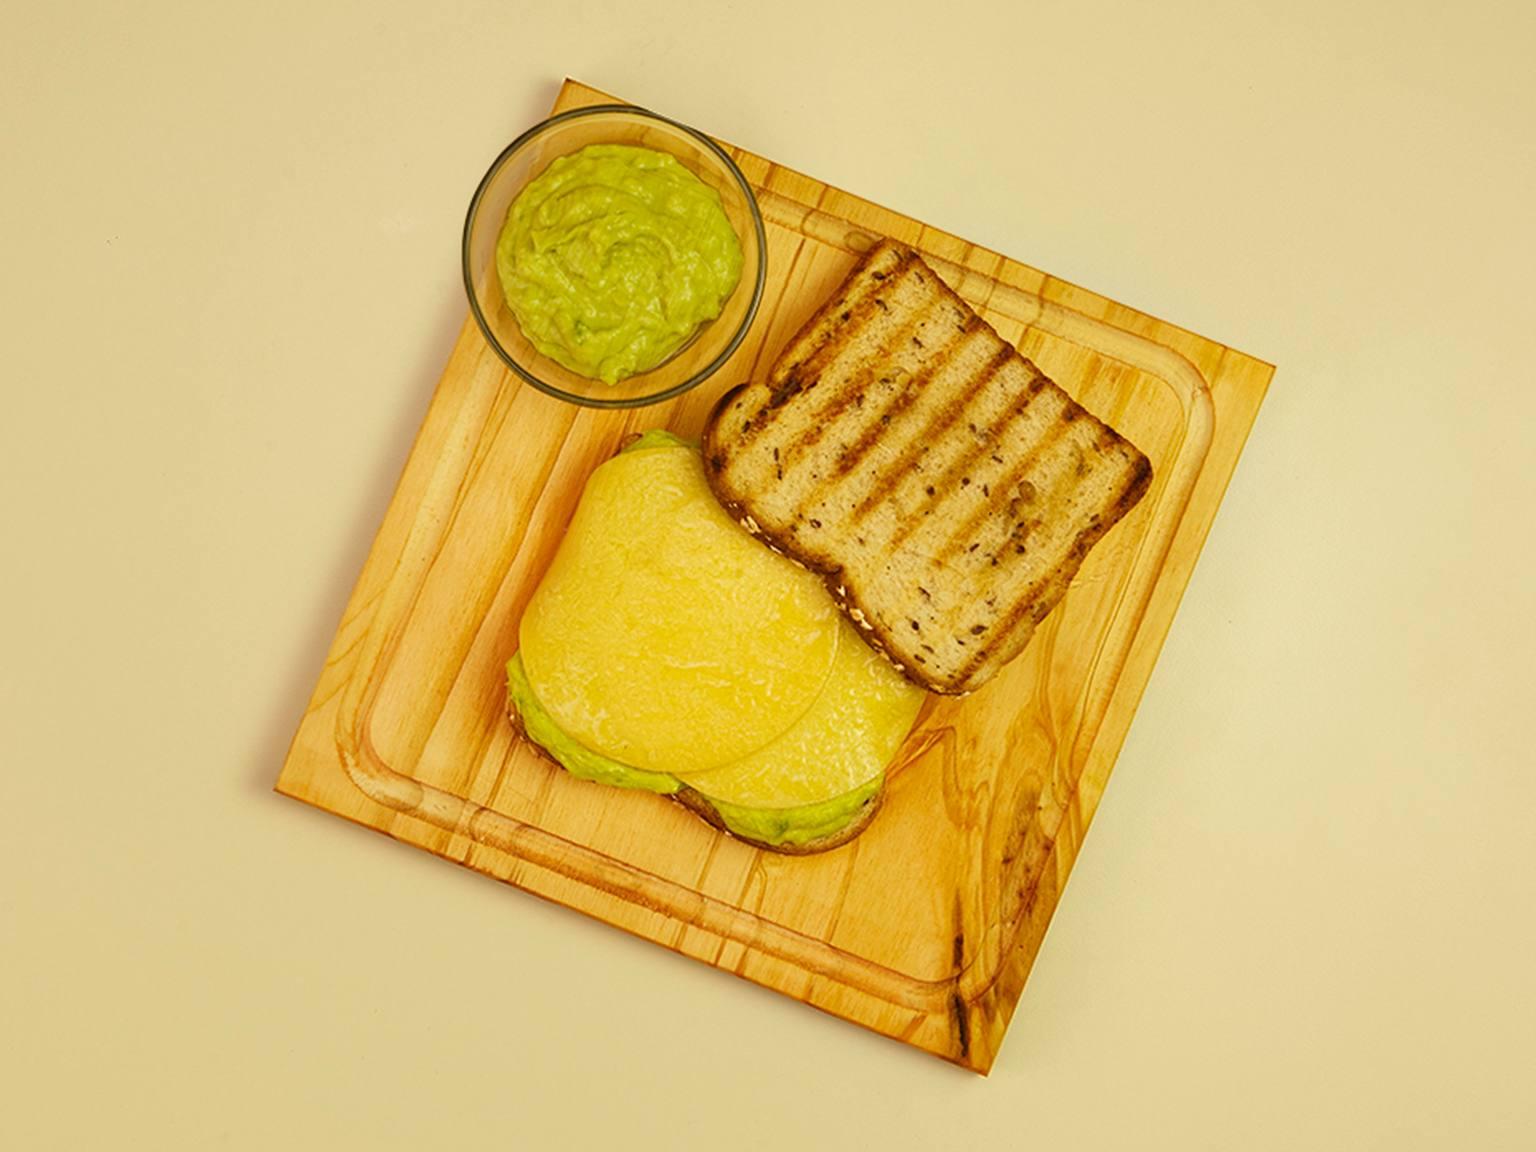 Sándwich grillado de palta, queso provolone, ajo y mayonesa